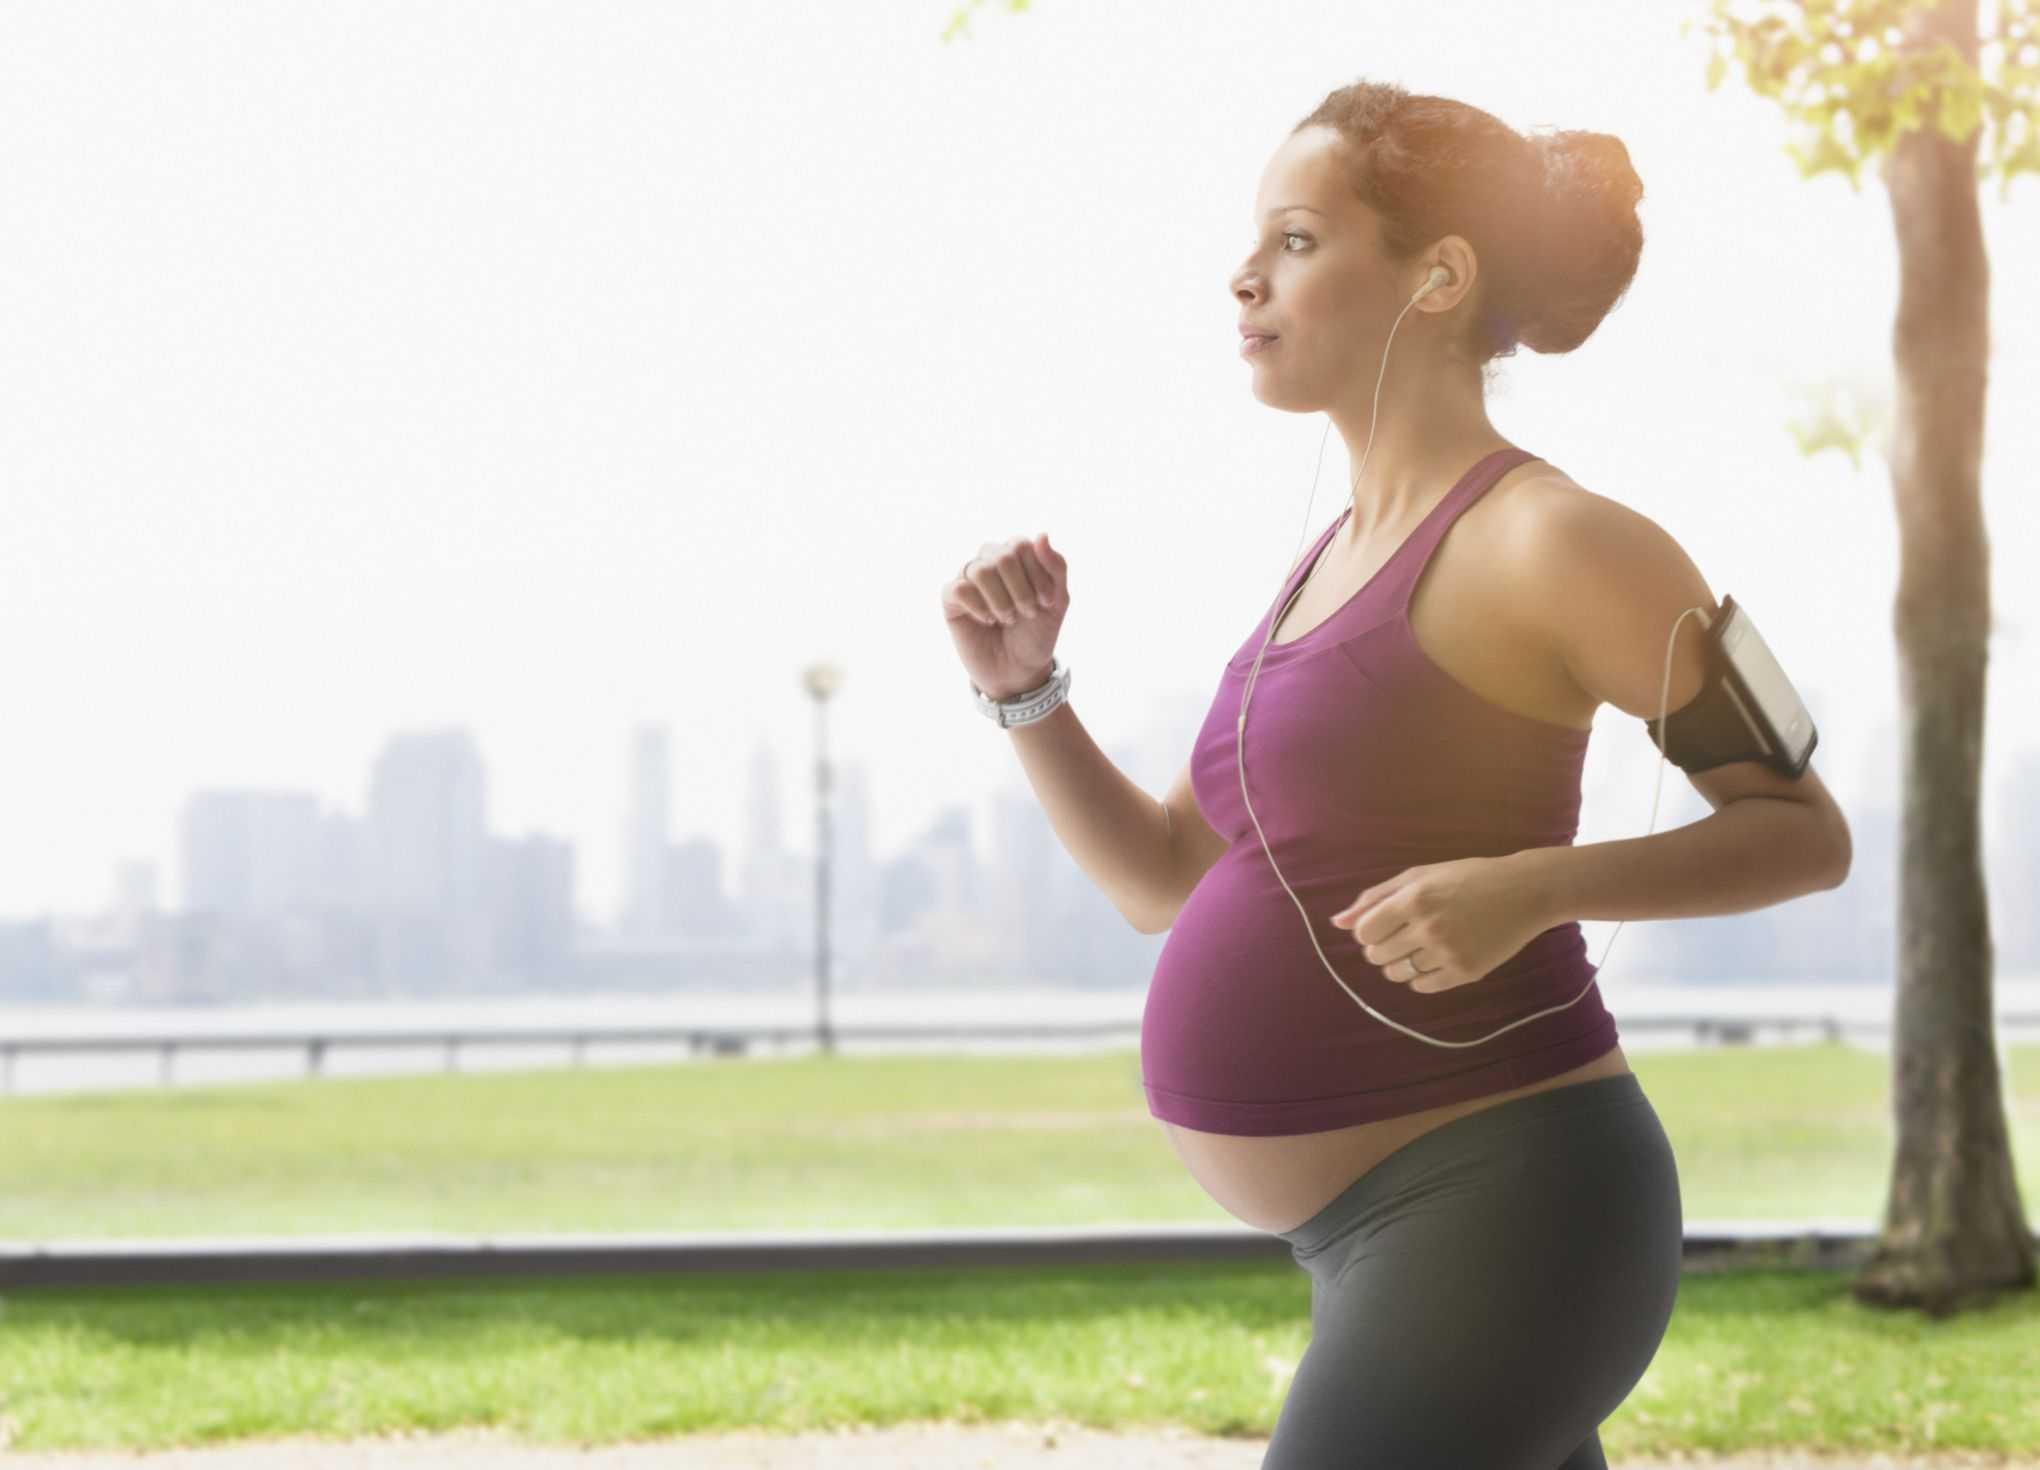 Ранний срок беременности и спорт: польза и вред физкультуры на начальных неделях и во время всего первого триместра, а также рекомендации по организации занятий